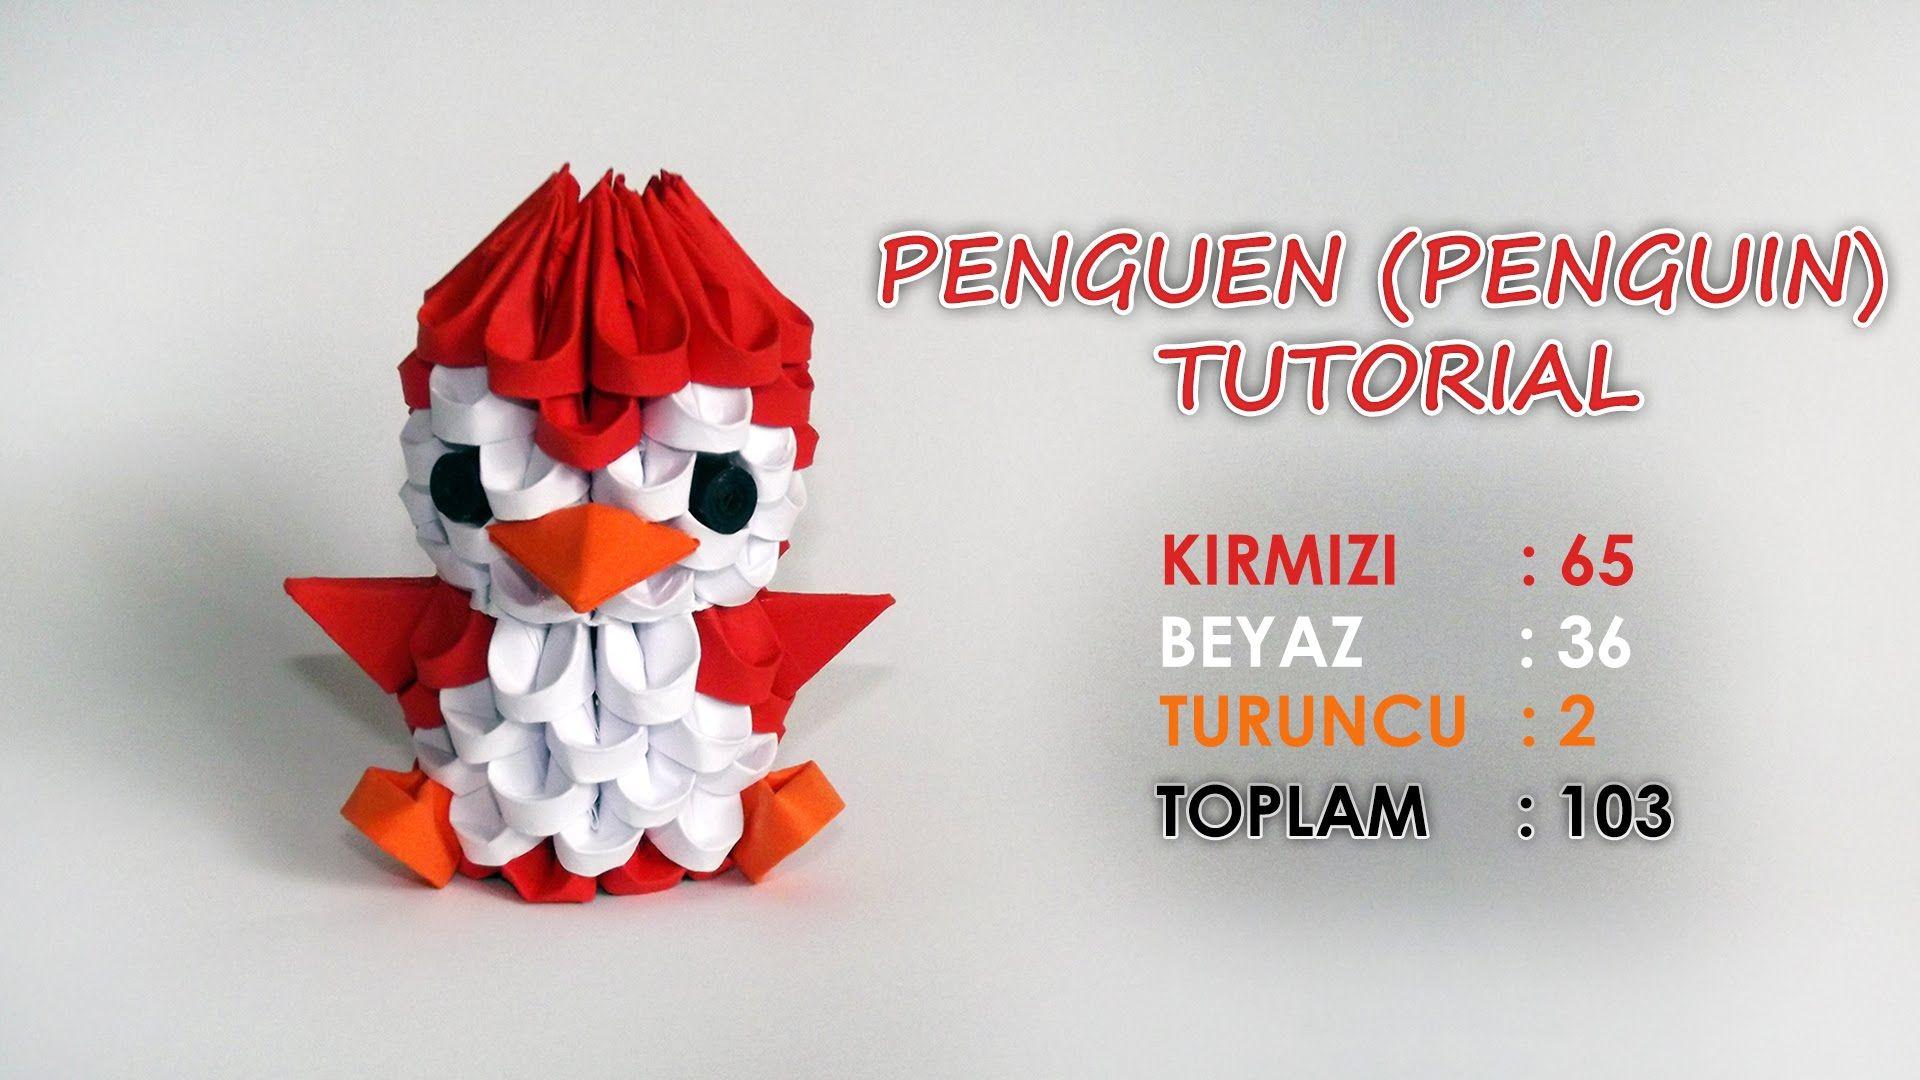 3d origami penguen yapm penguin tutorial 3d origami trkiye 3d origami penguen yapm penguin tutorial jeuxipadfo Image collections